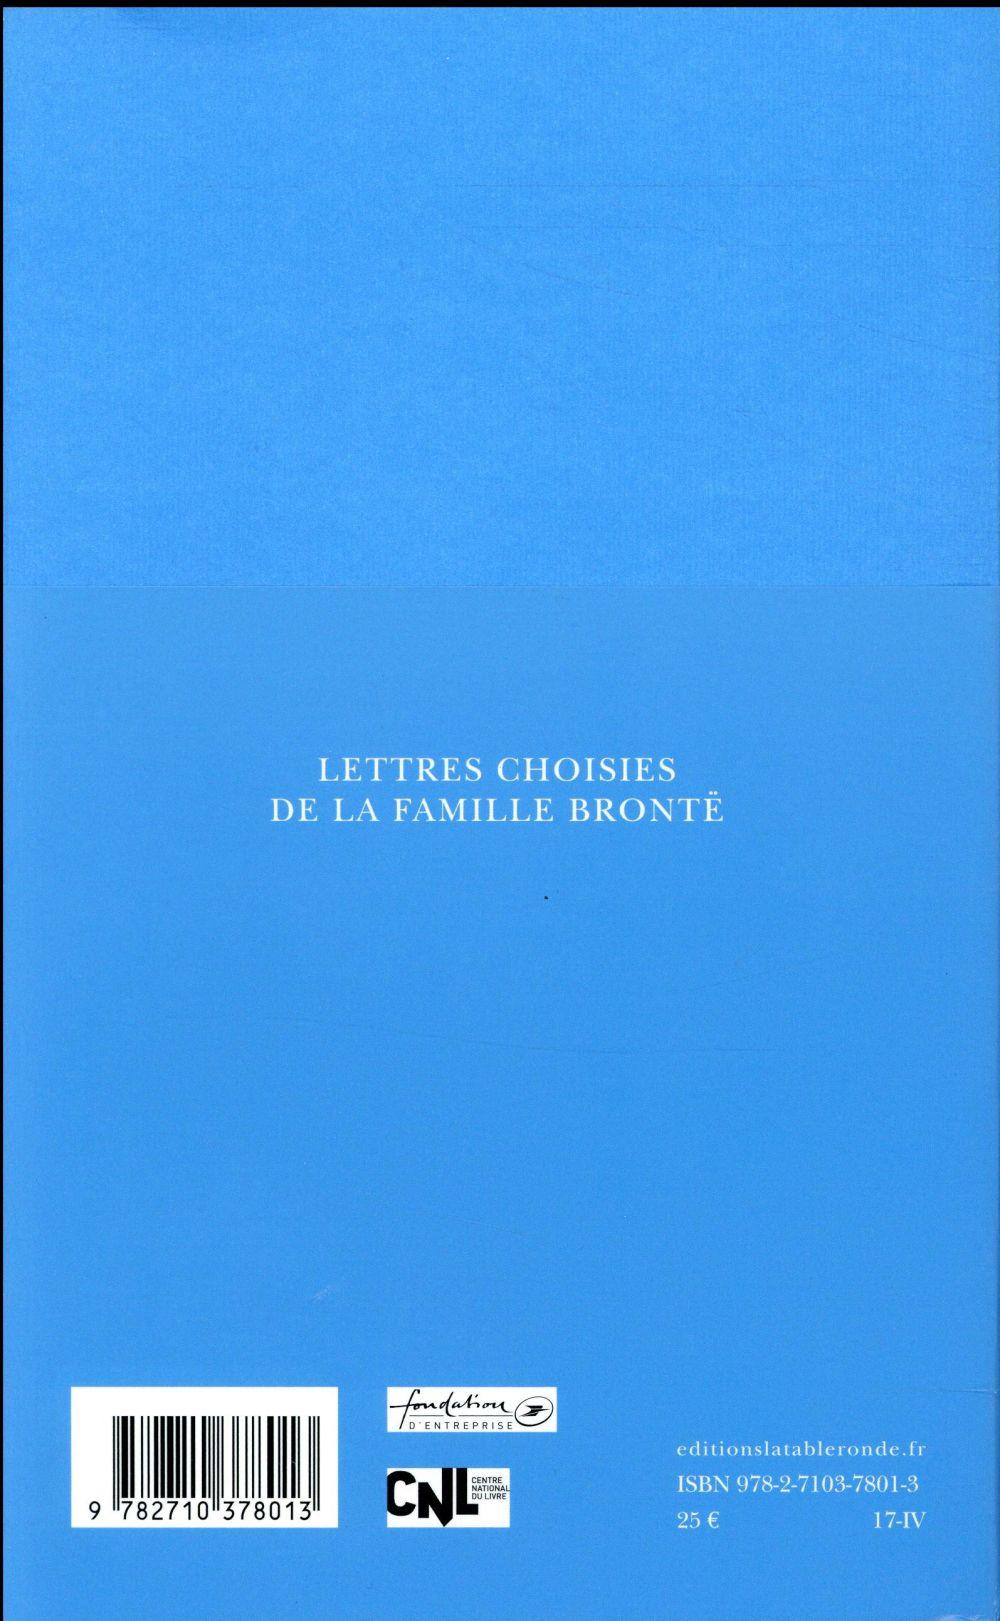 Lettres choisies de la famille Bronté ; 1821-1855